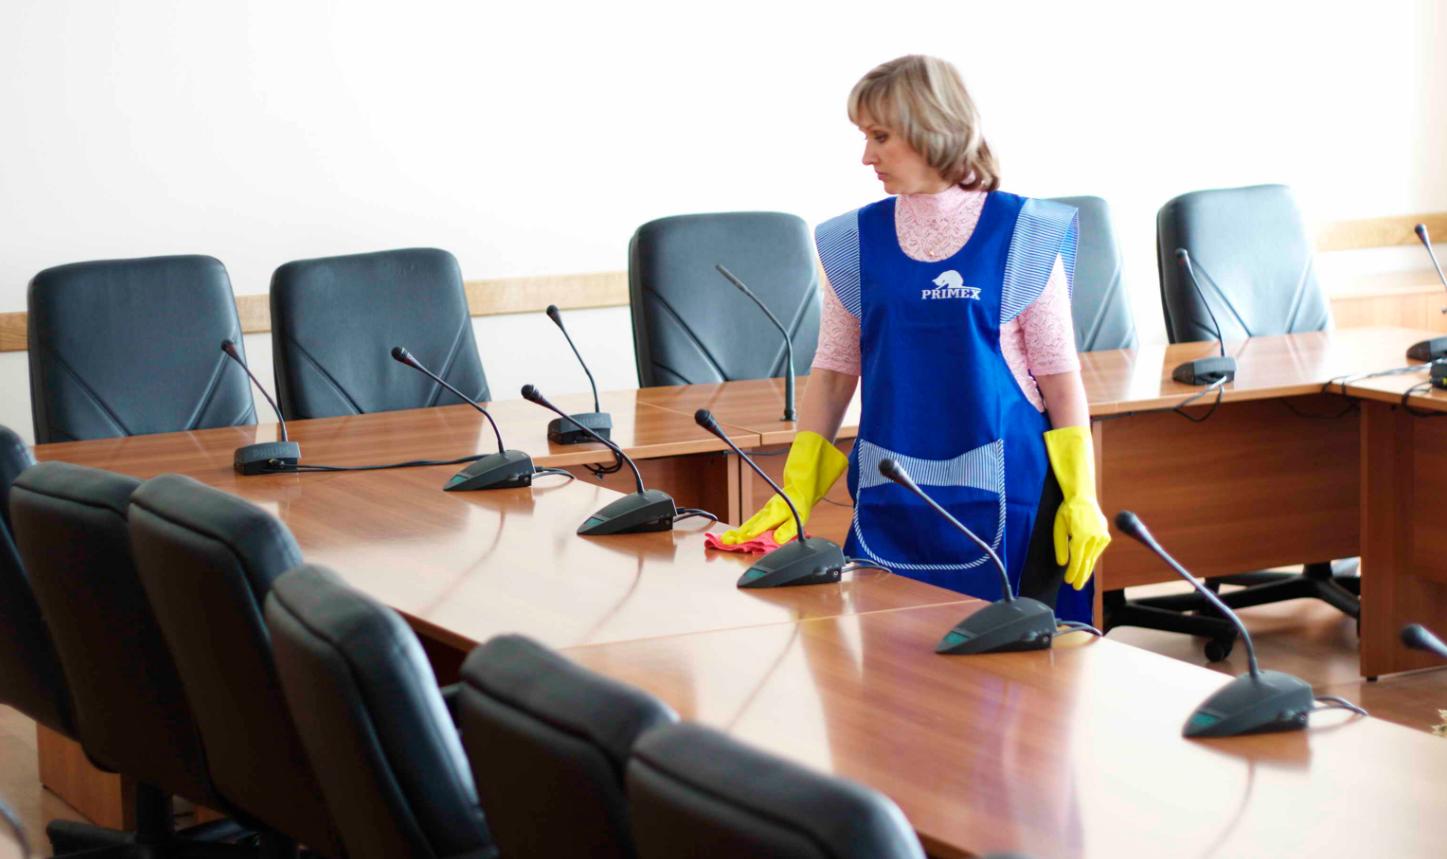 Женская бизнес-идея по уборке помещений